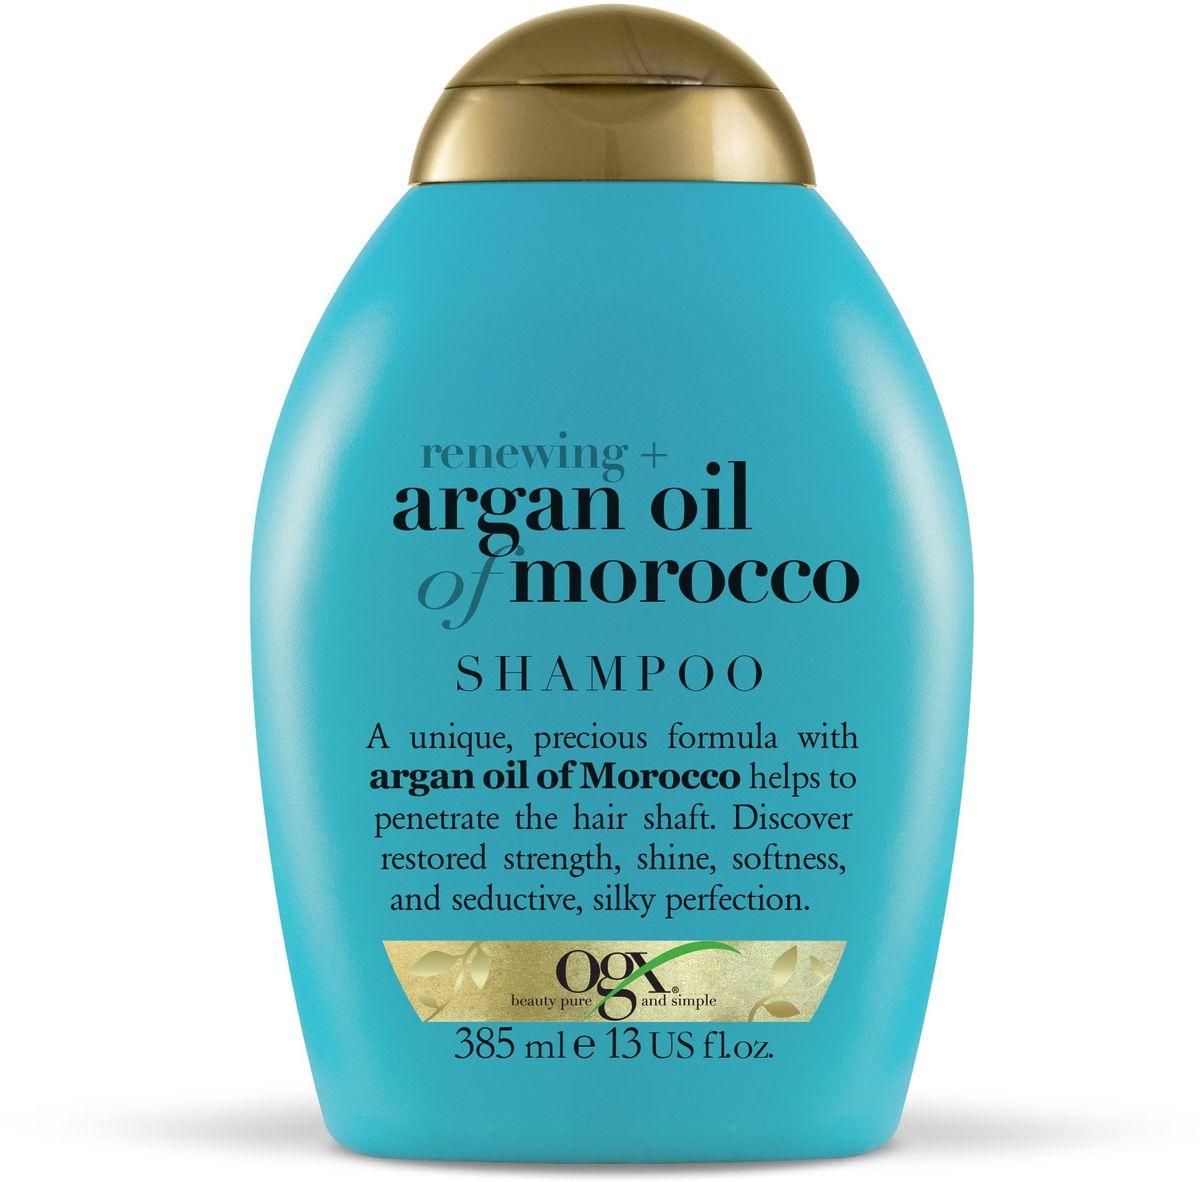 OGX Шампунь для восстановления волос с аргановым маслом, 385 мл.97611Шампунь для восстановления волос с аргановым маслом, обогащенный антиоксидантами, способствует обновлению клеточной структуры волос, придает сияния и мягкость.